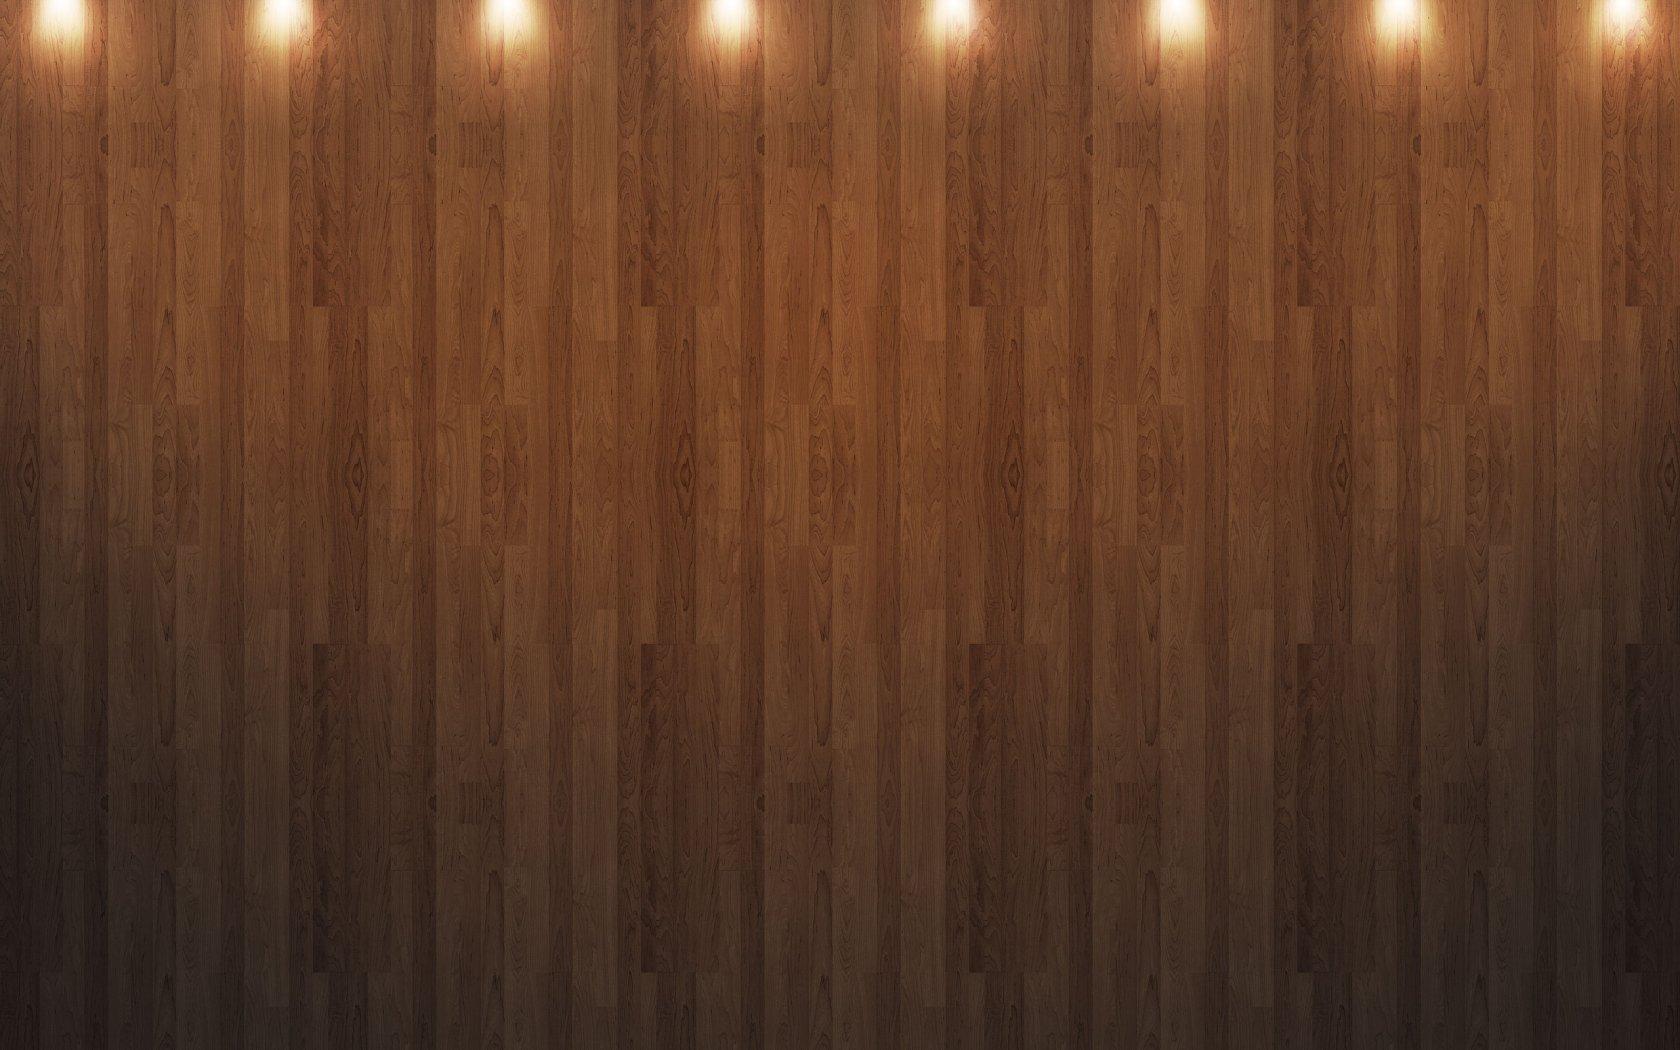 download next wallpaper prev wallpaper 1680x1050